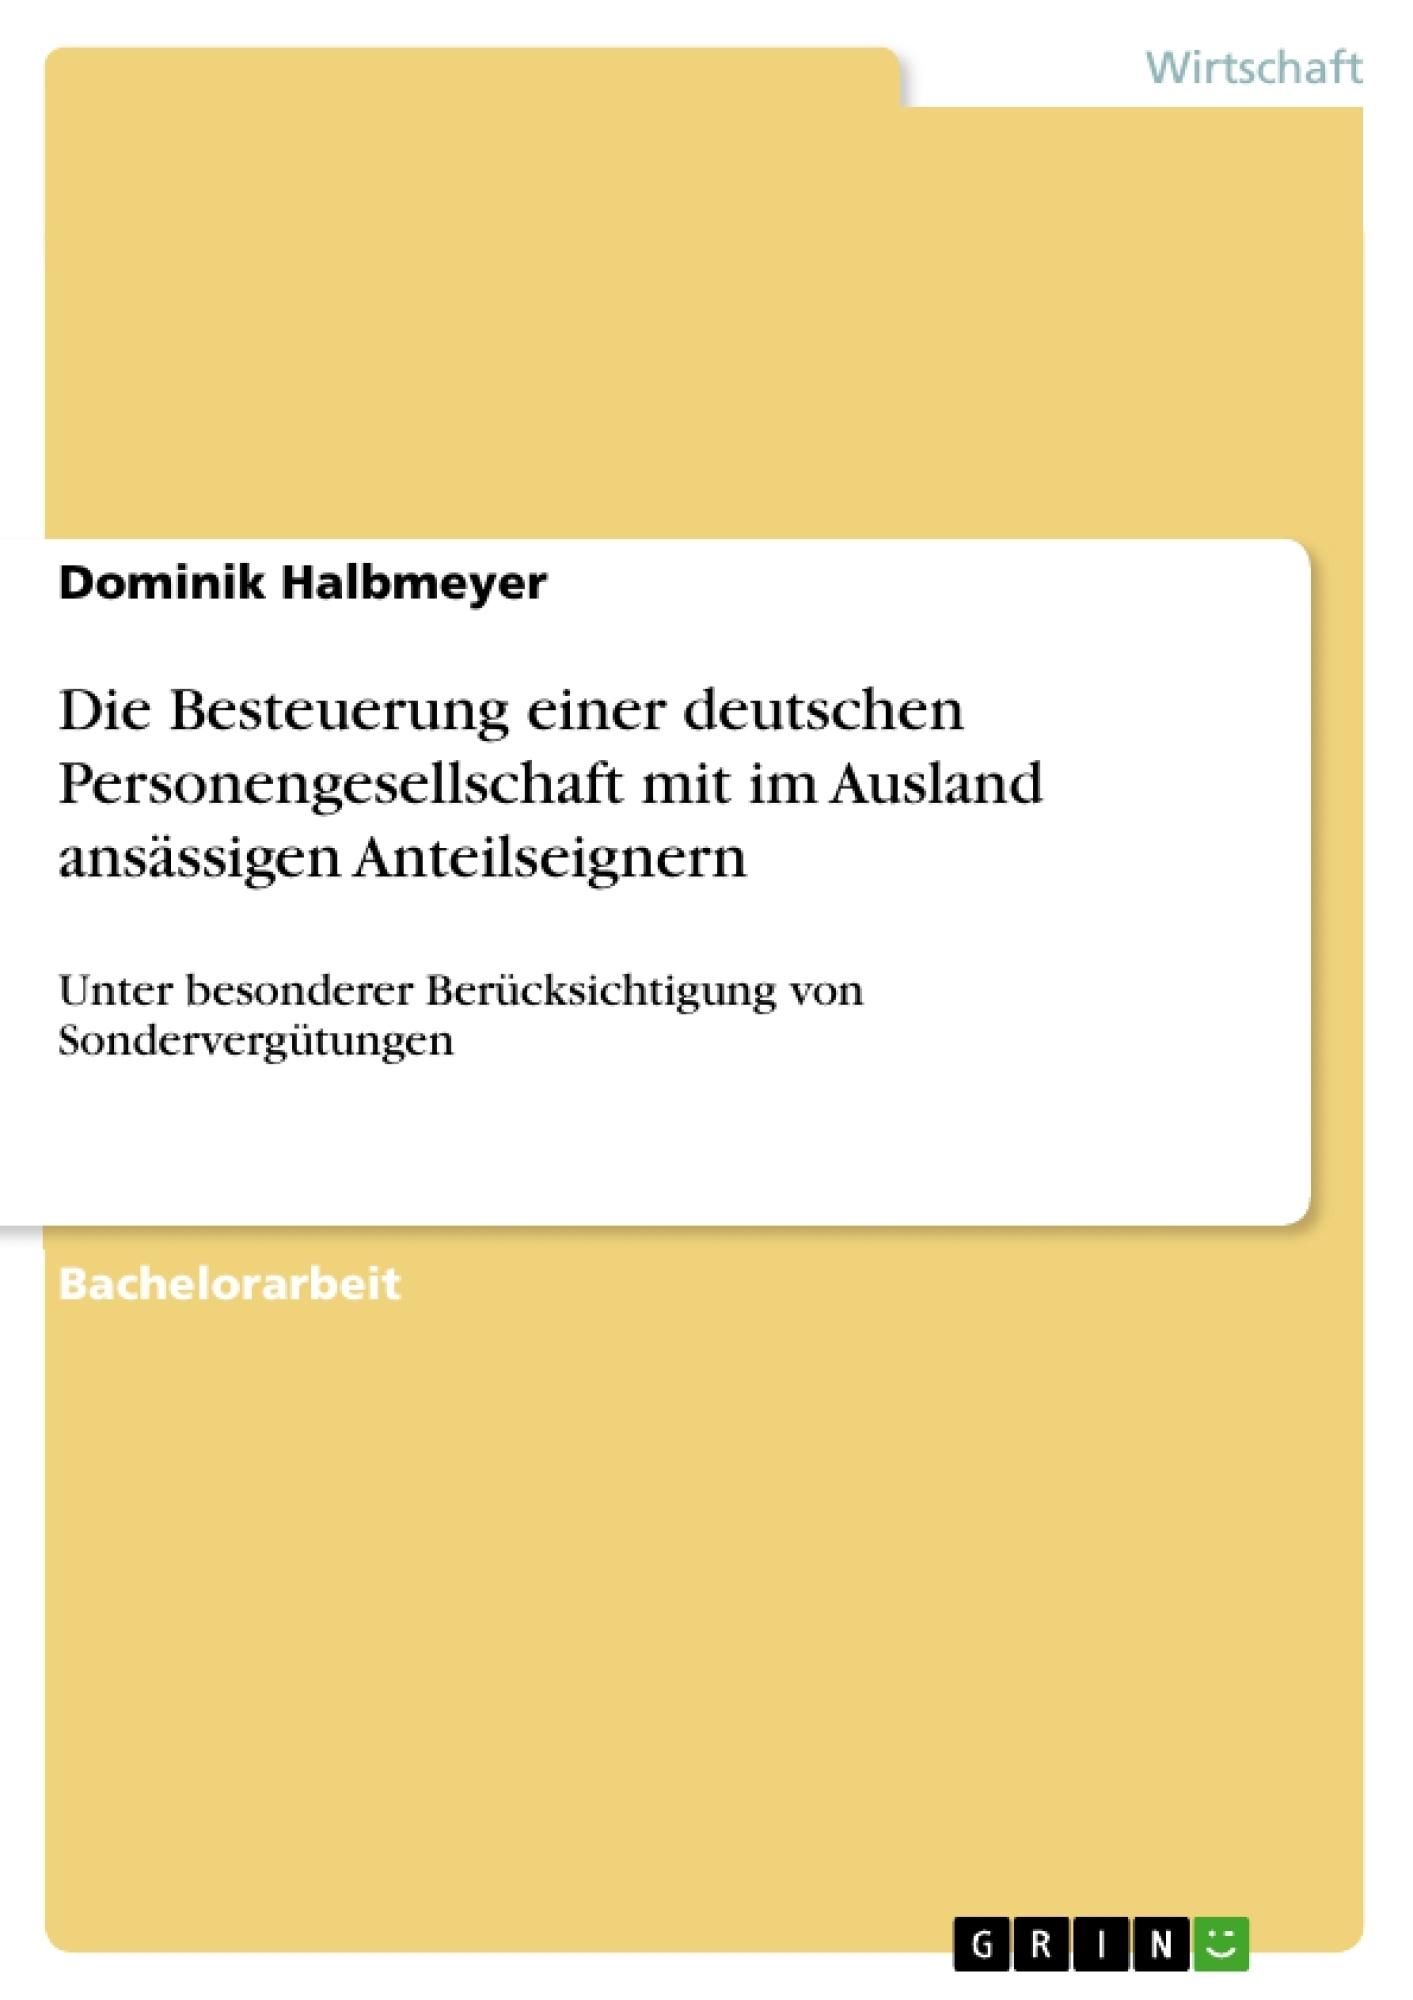 Titel: Die Besteuerung einer deutschen Personengesellschaft mit im Ausland ansässigen Anteilseignern